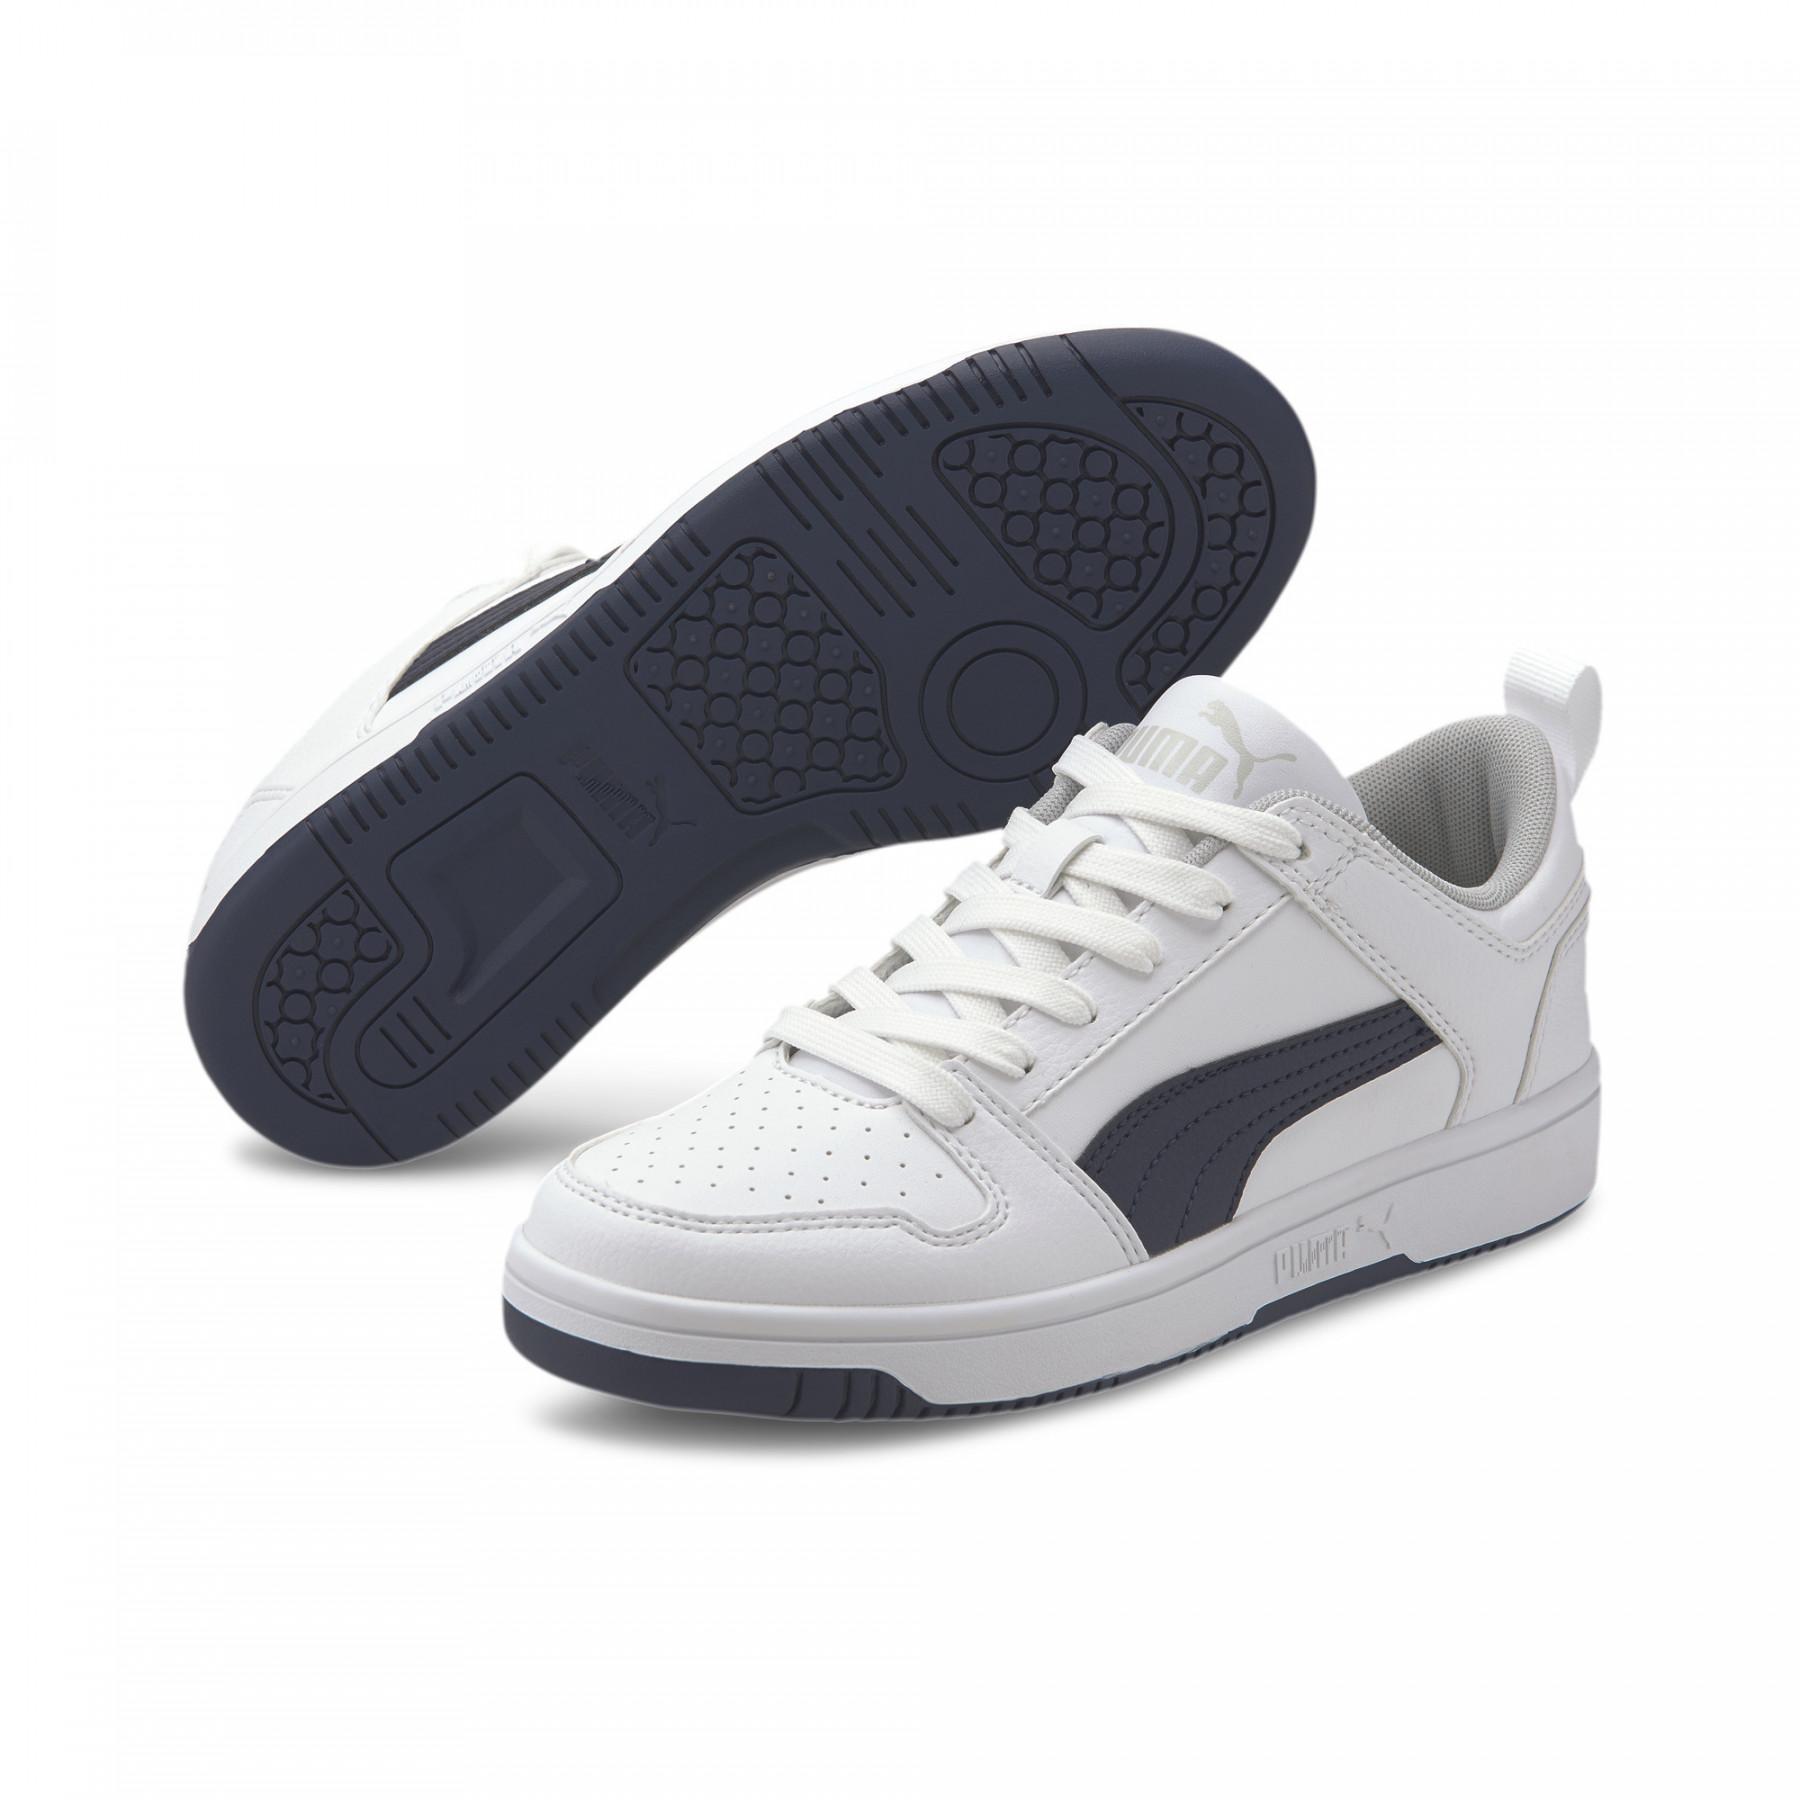 Puma Footwear Junior Puma Rebound Layup Lo SL